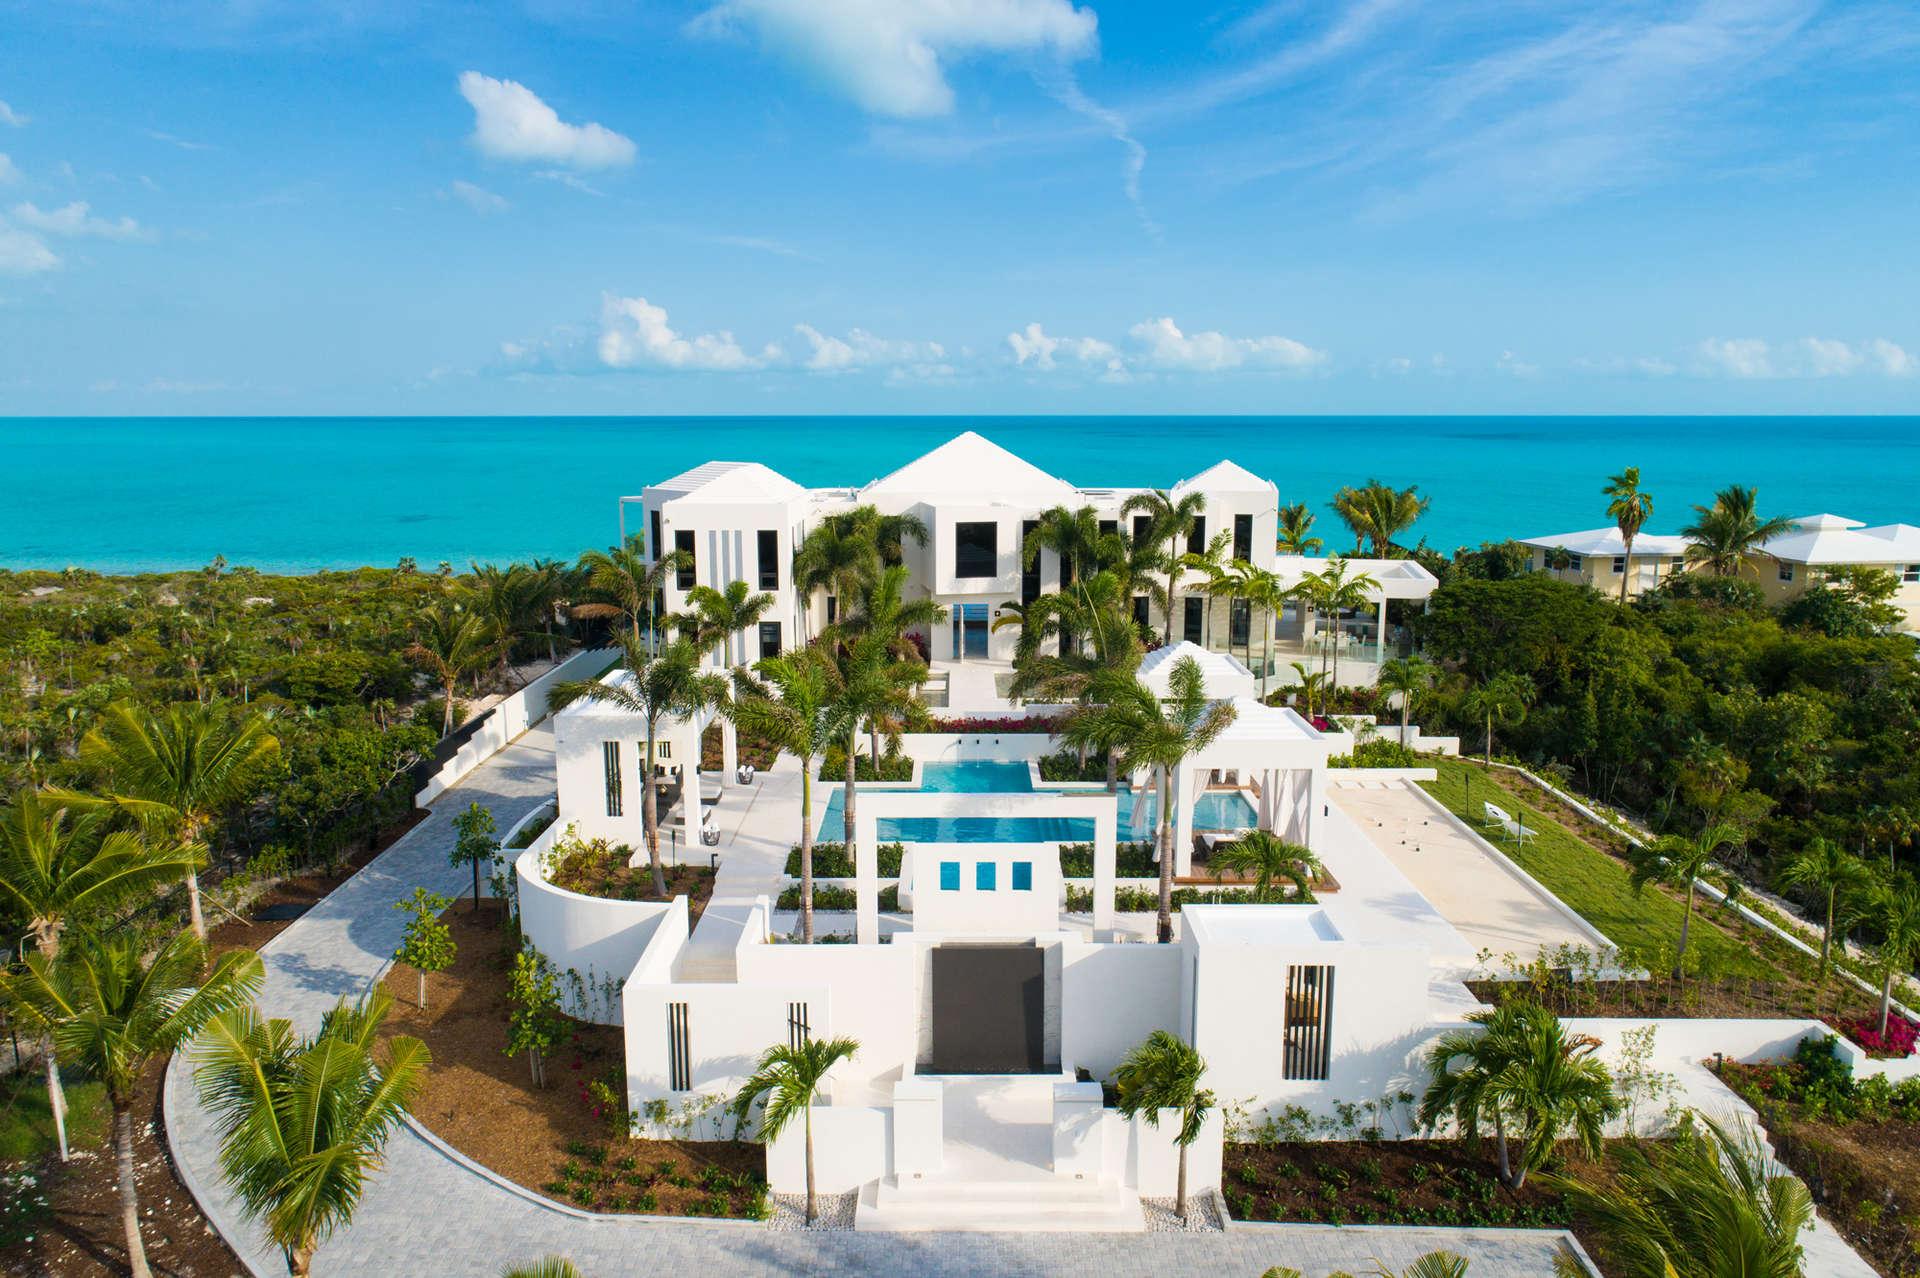 Luxury villa rentals caribbean - Turks and caicos - Providenciales - Long bay - Triton - Image 1/24